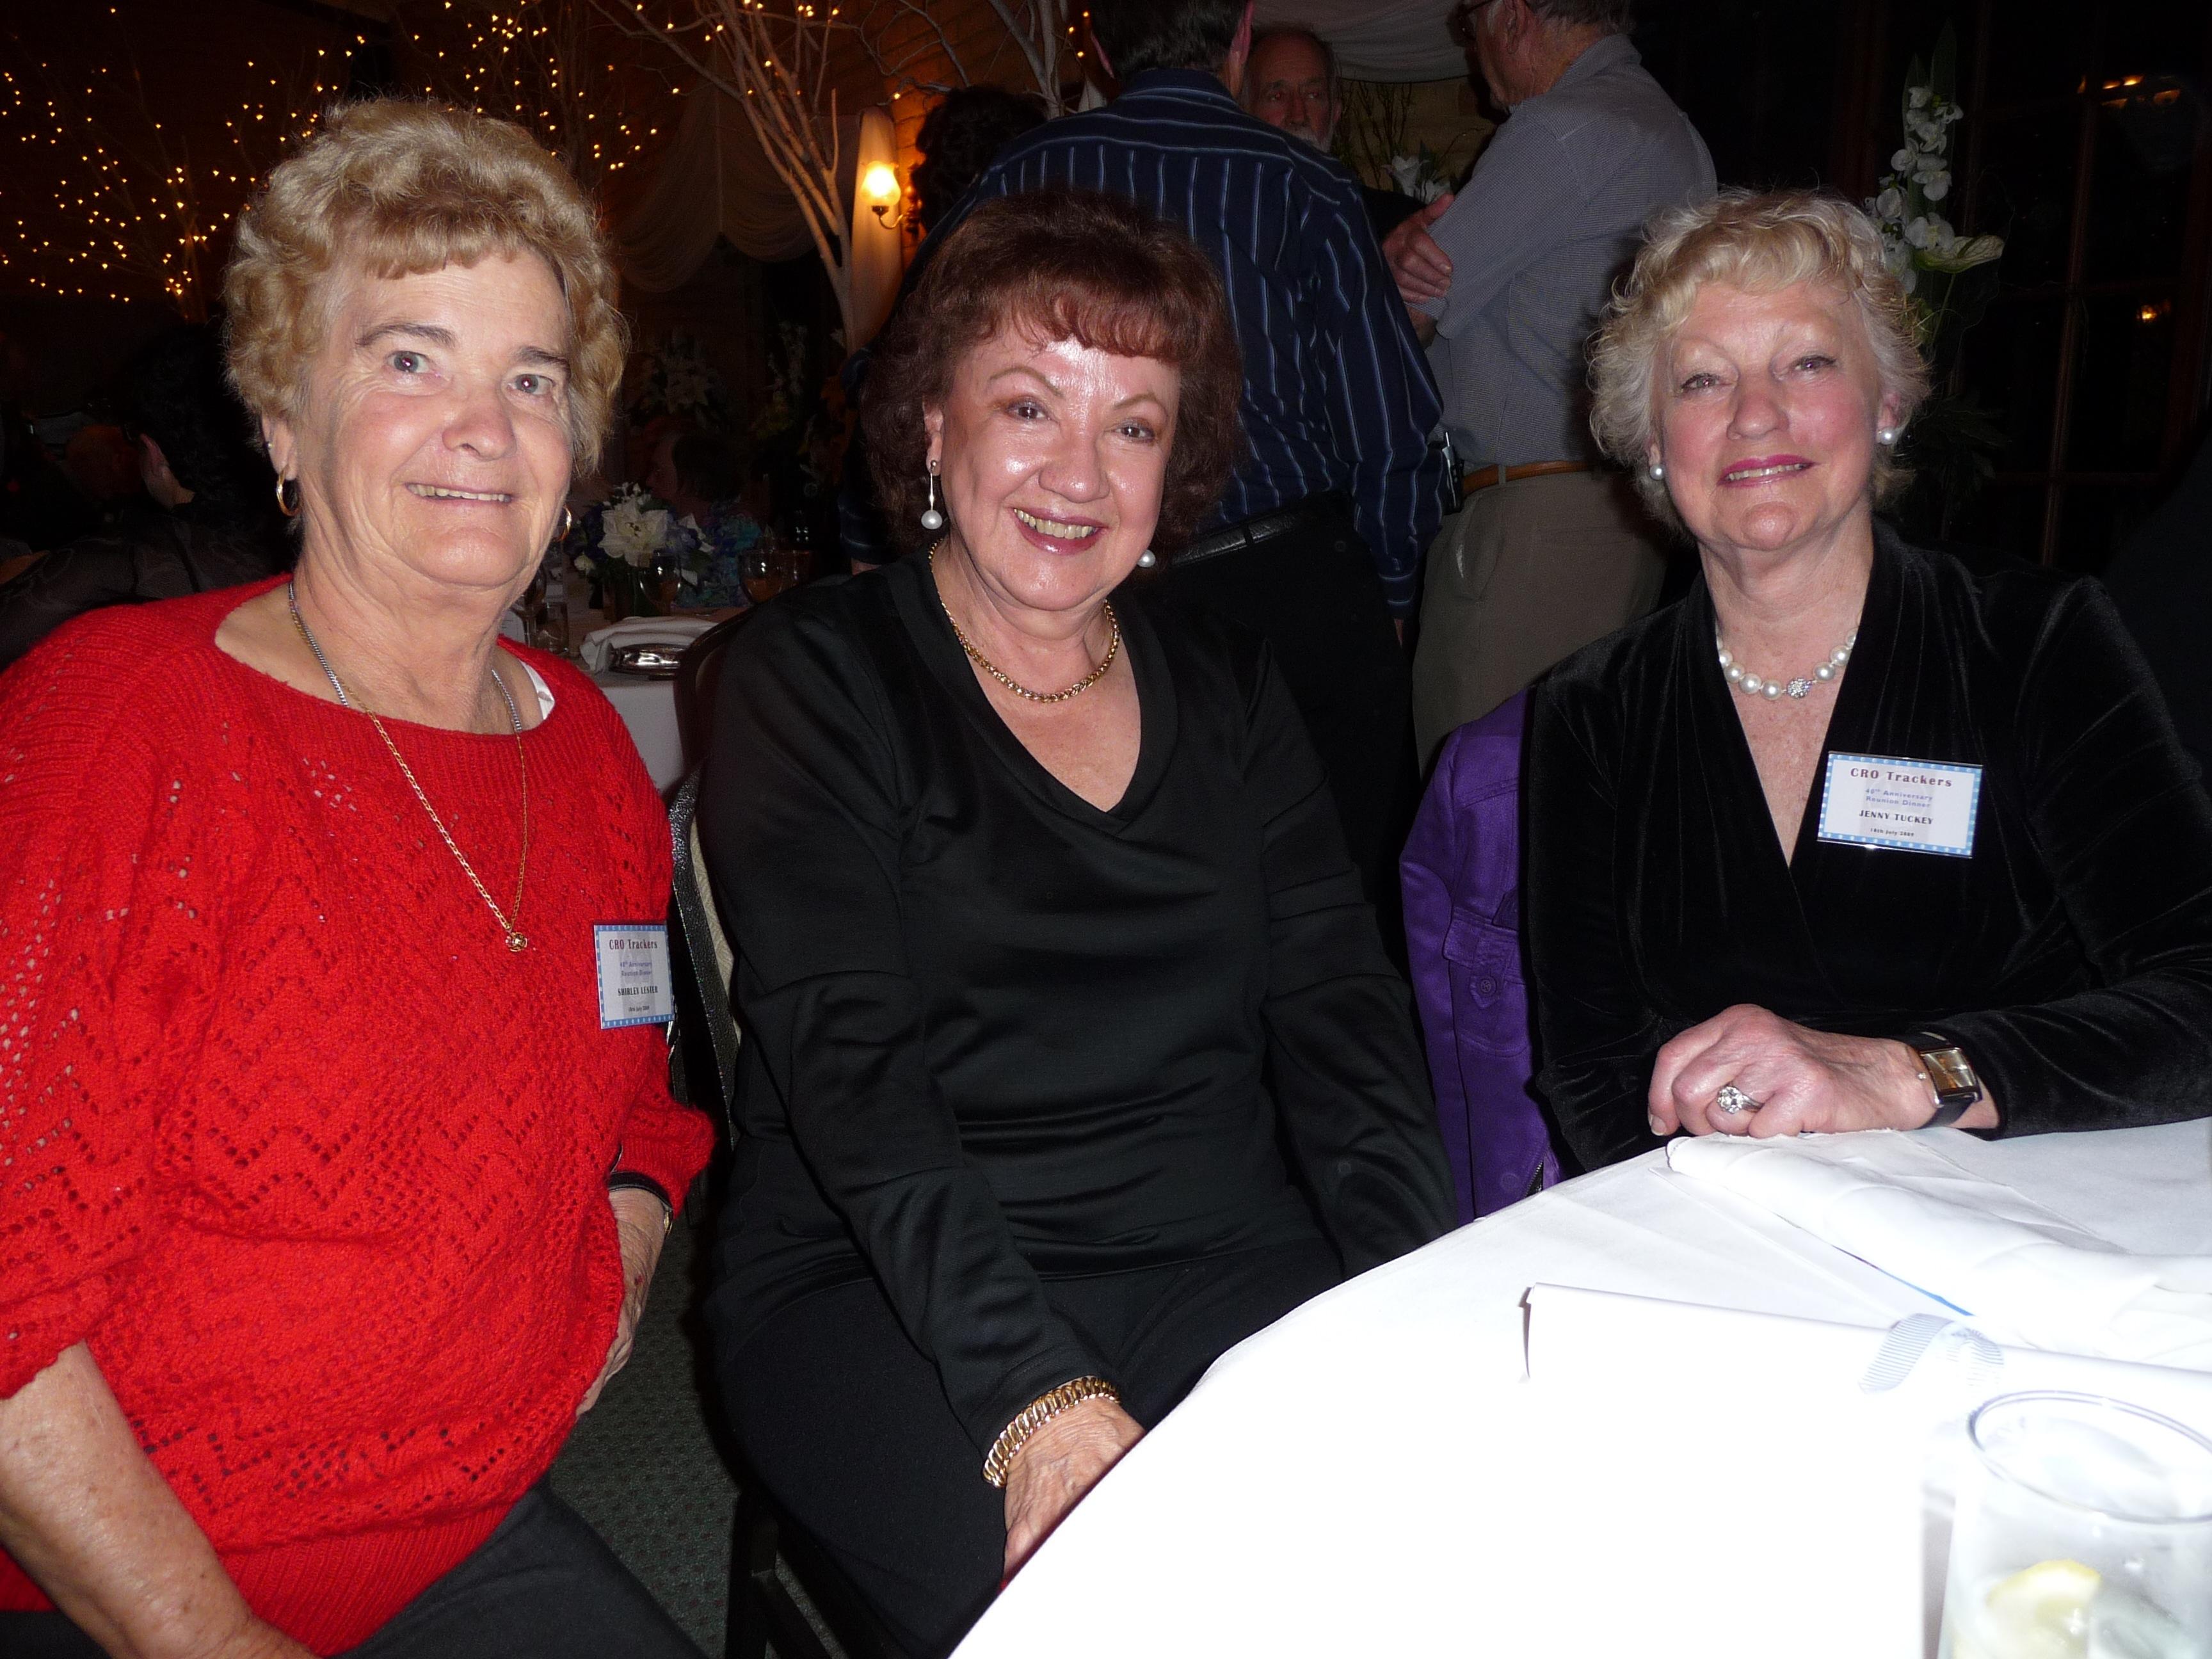 Shirley Lester, Jocelyn Housley & Jenny Tuckey